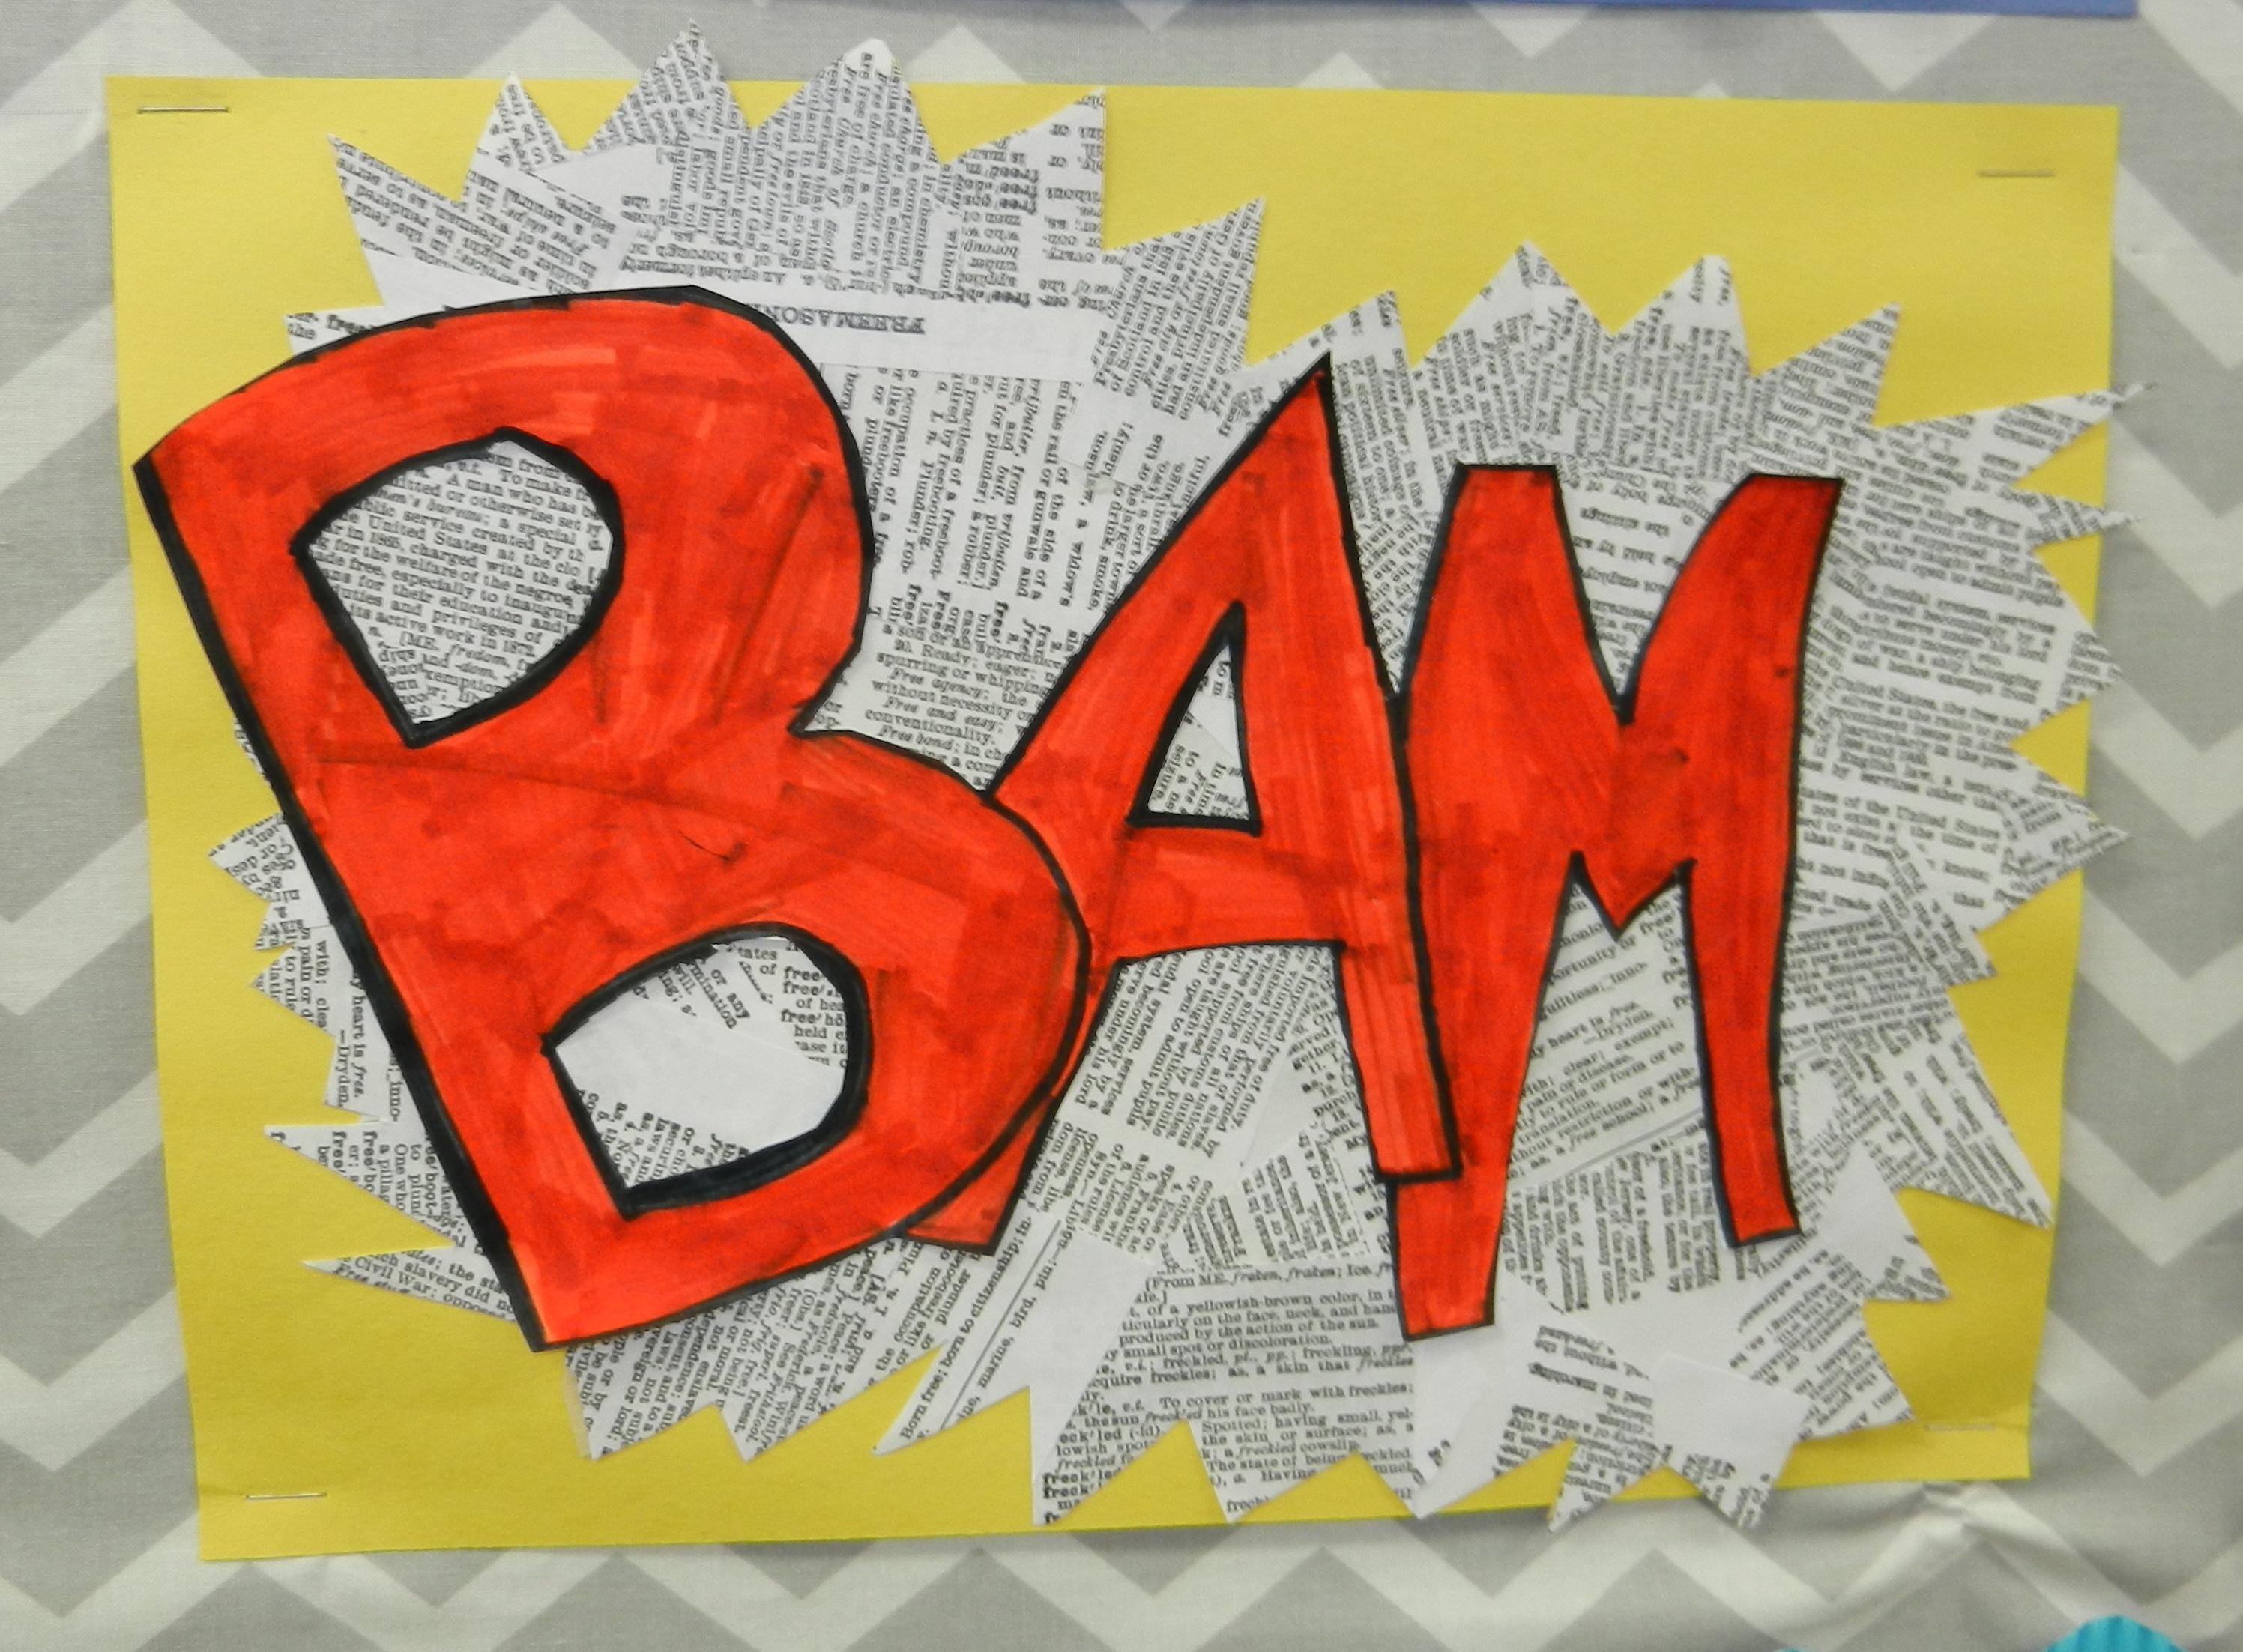 Onomatopoeia Art And Other Fun 5th Grade Activities